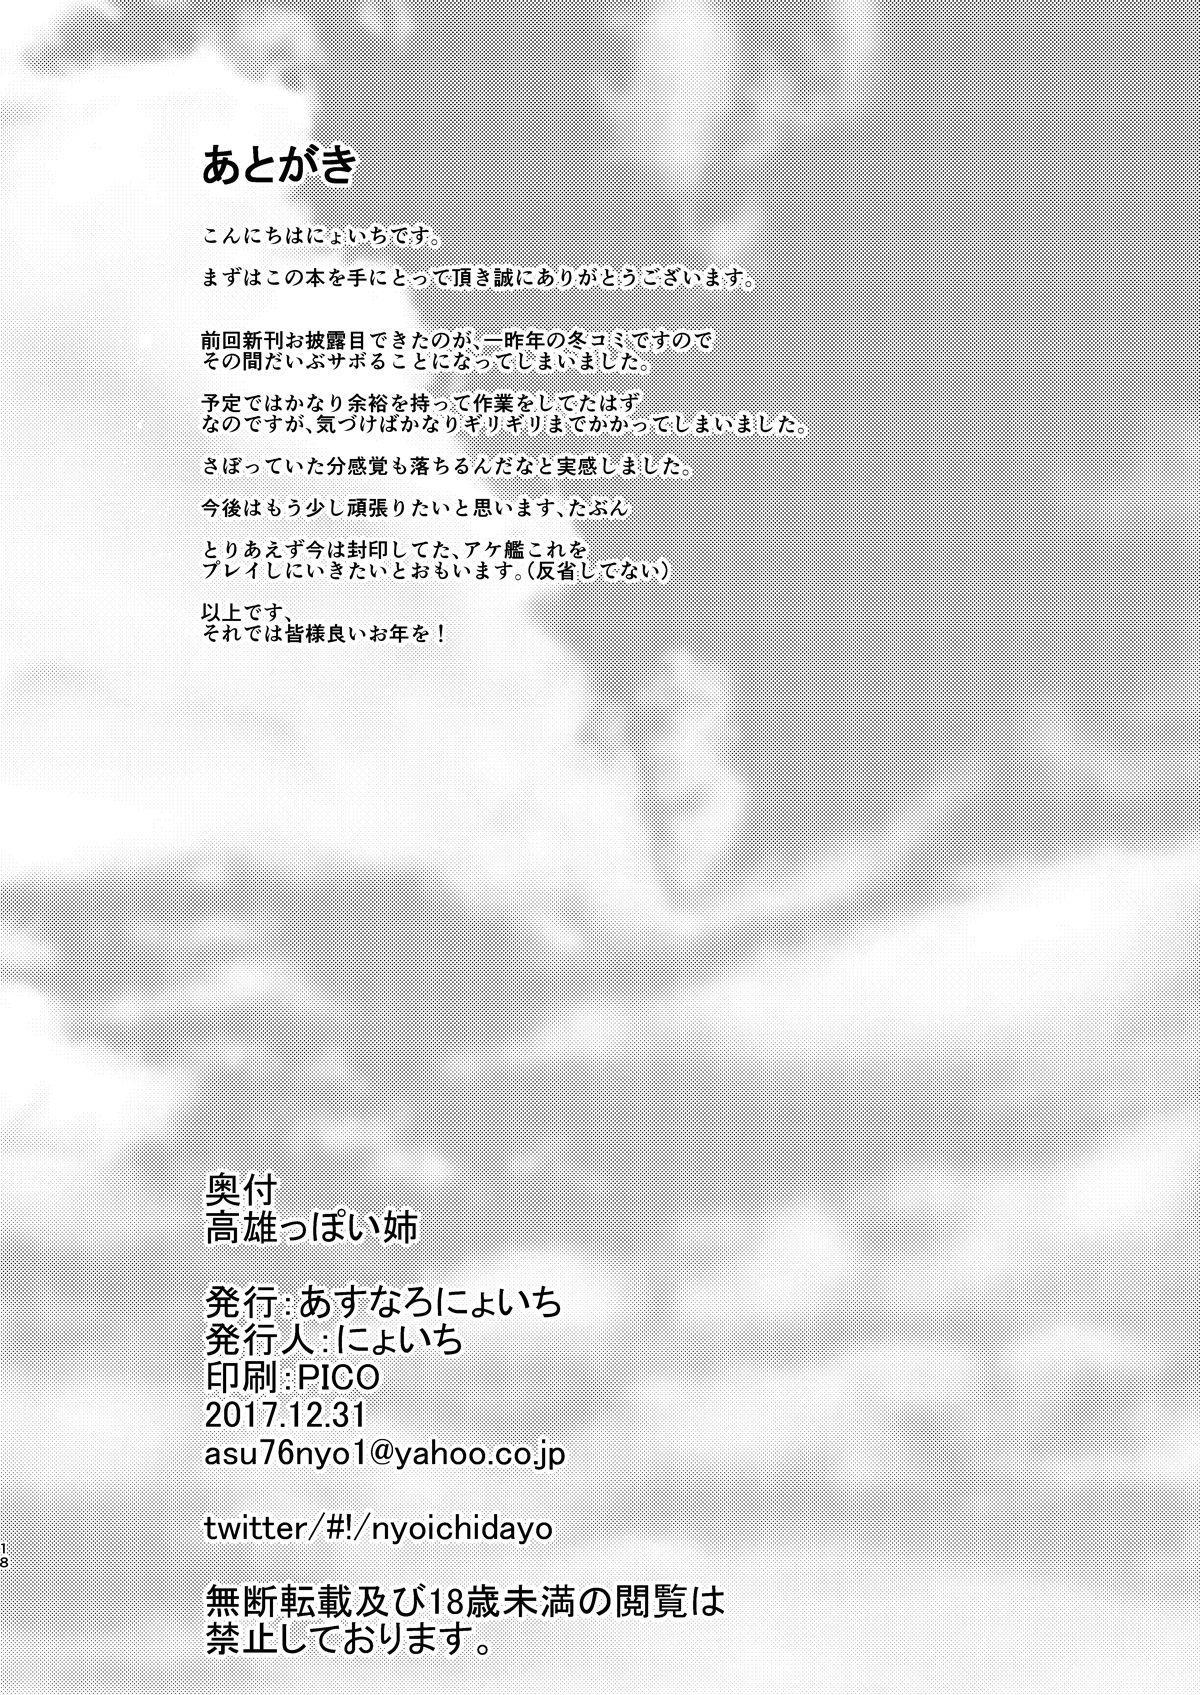 Takao-ppoi Ane 17